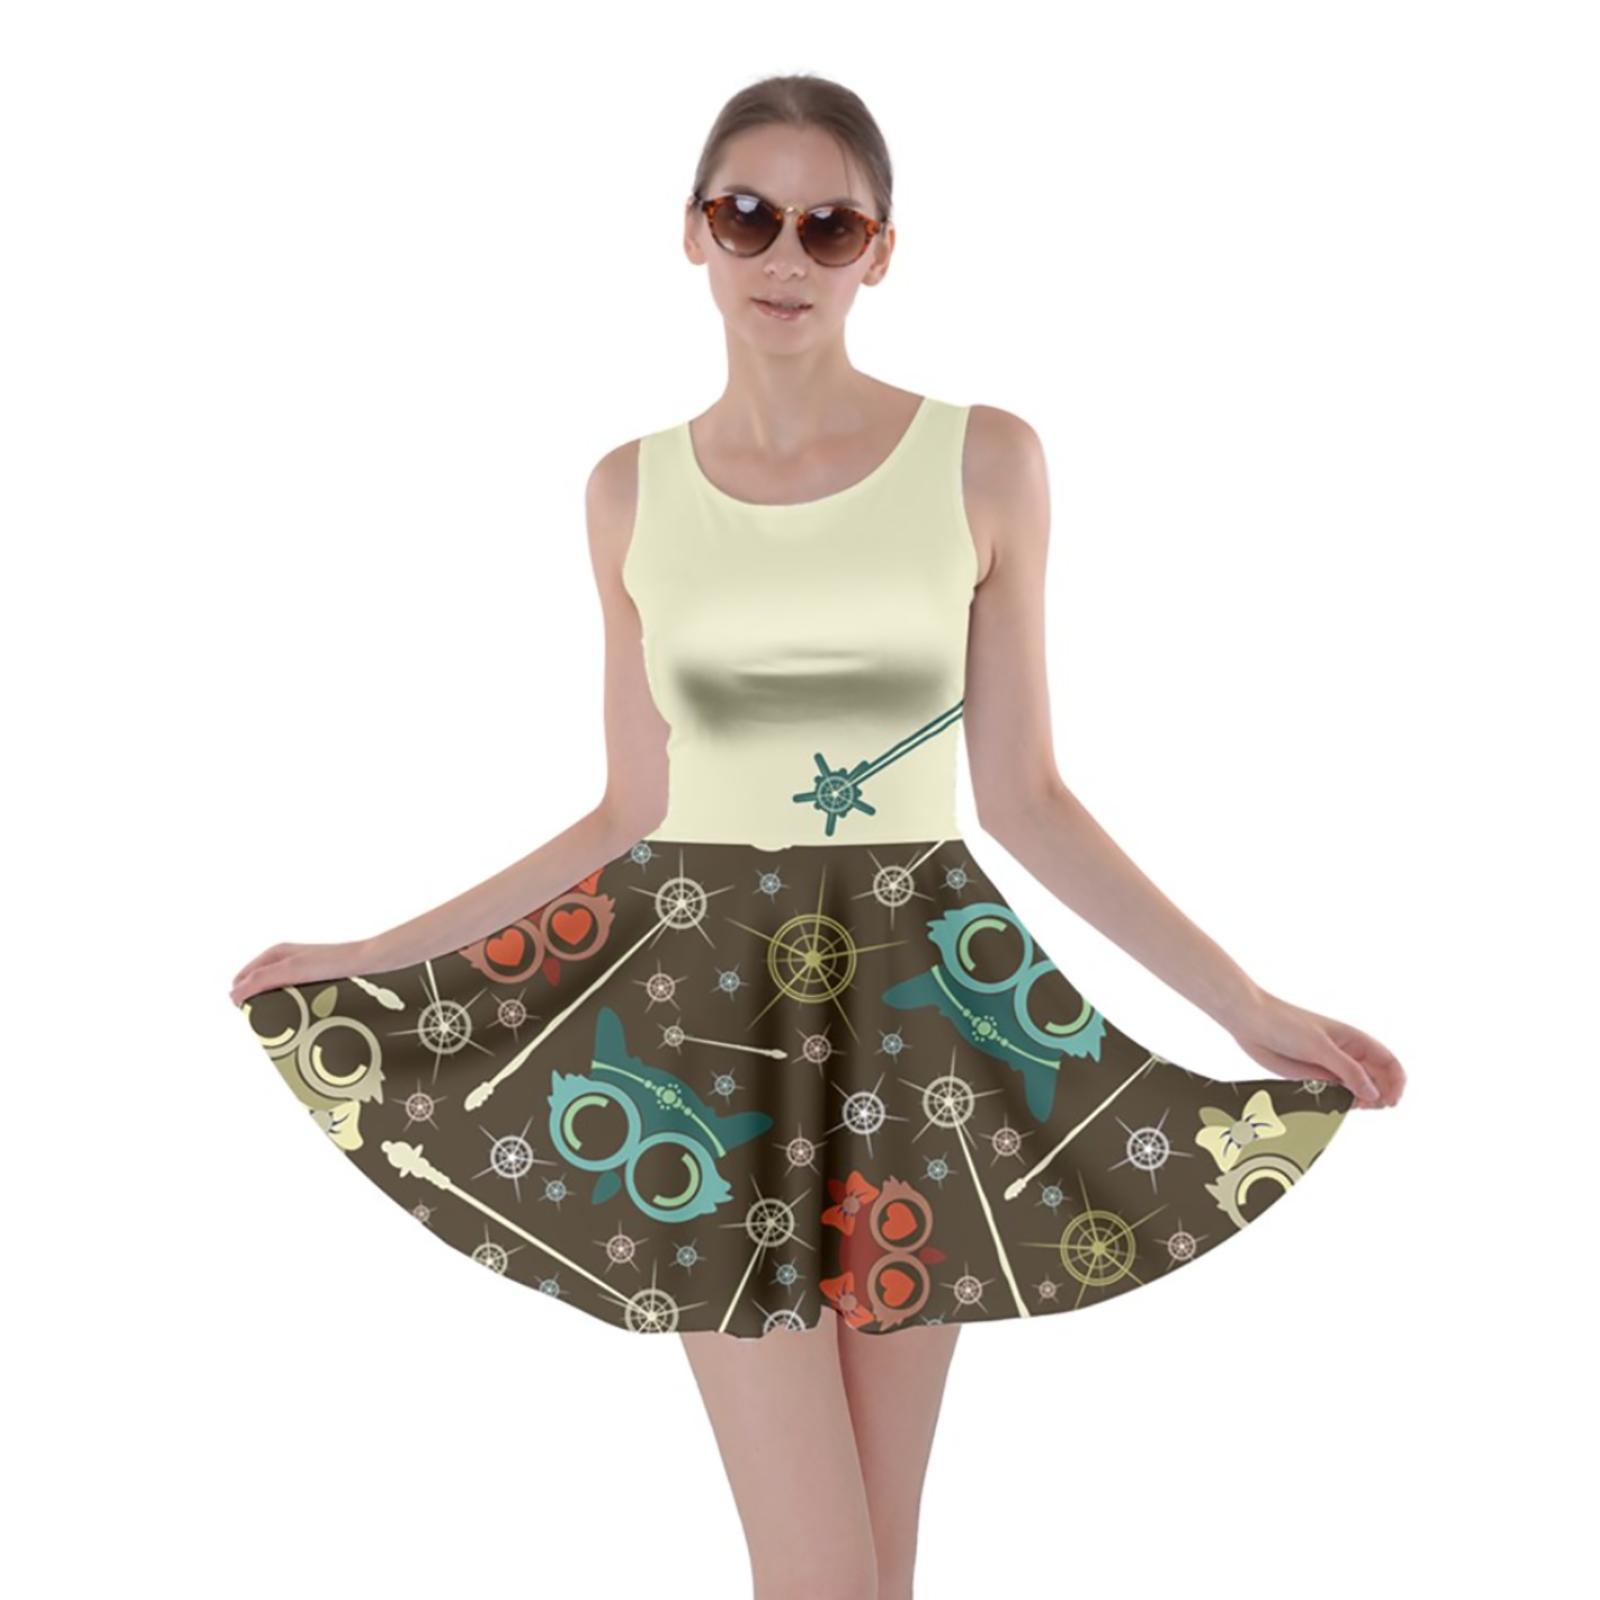 Vintage Emoji Owl Skater Dress (Light Top w/Blue Wand, Patterned Bottom)